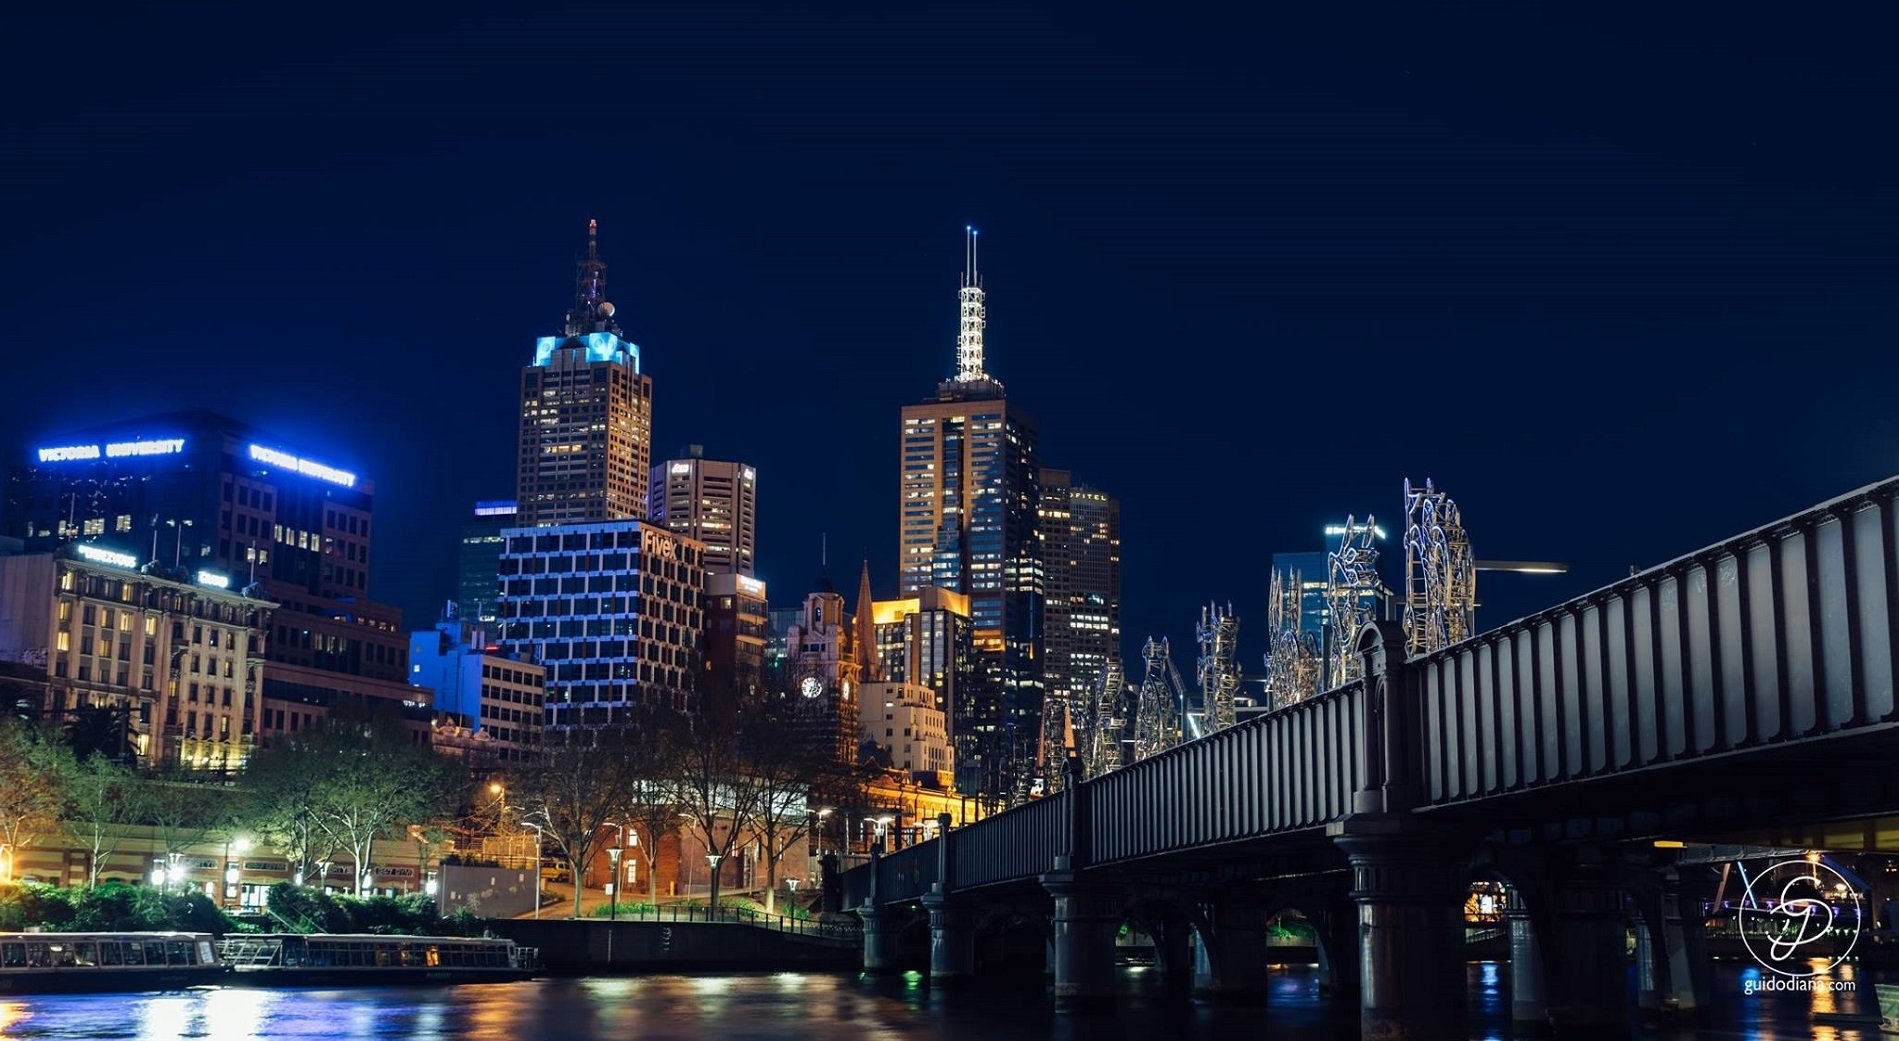 avontuur dating Melbourne huwelijk niet dating EP 4 eng sub volledige